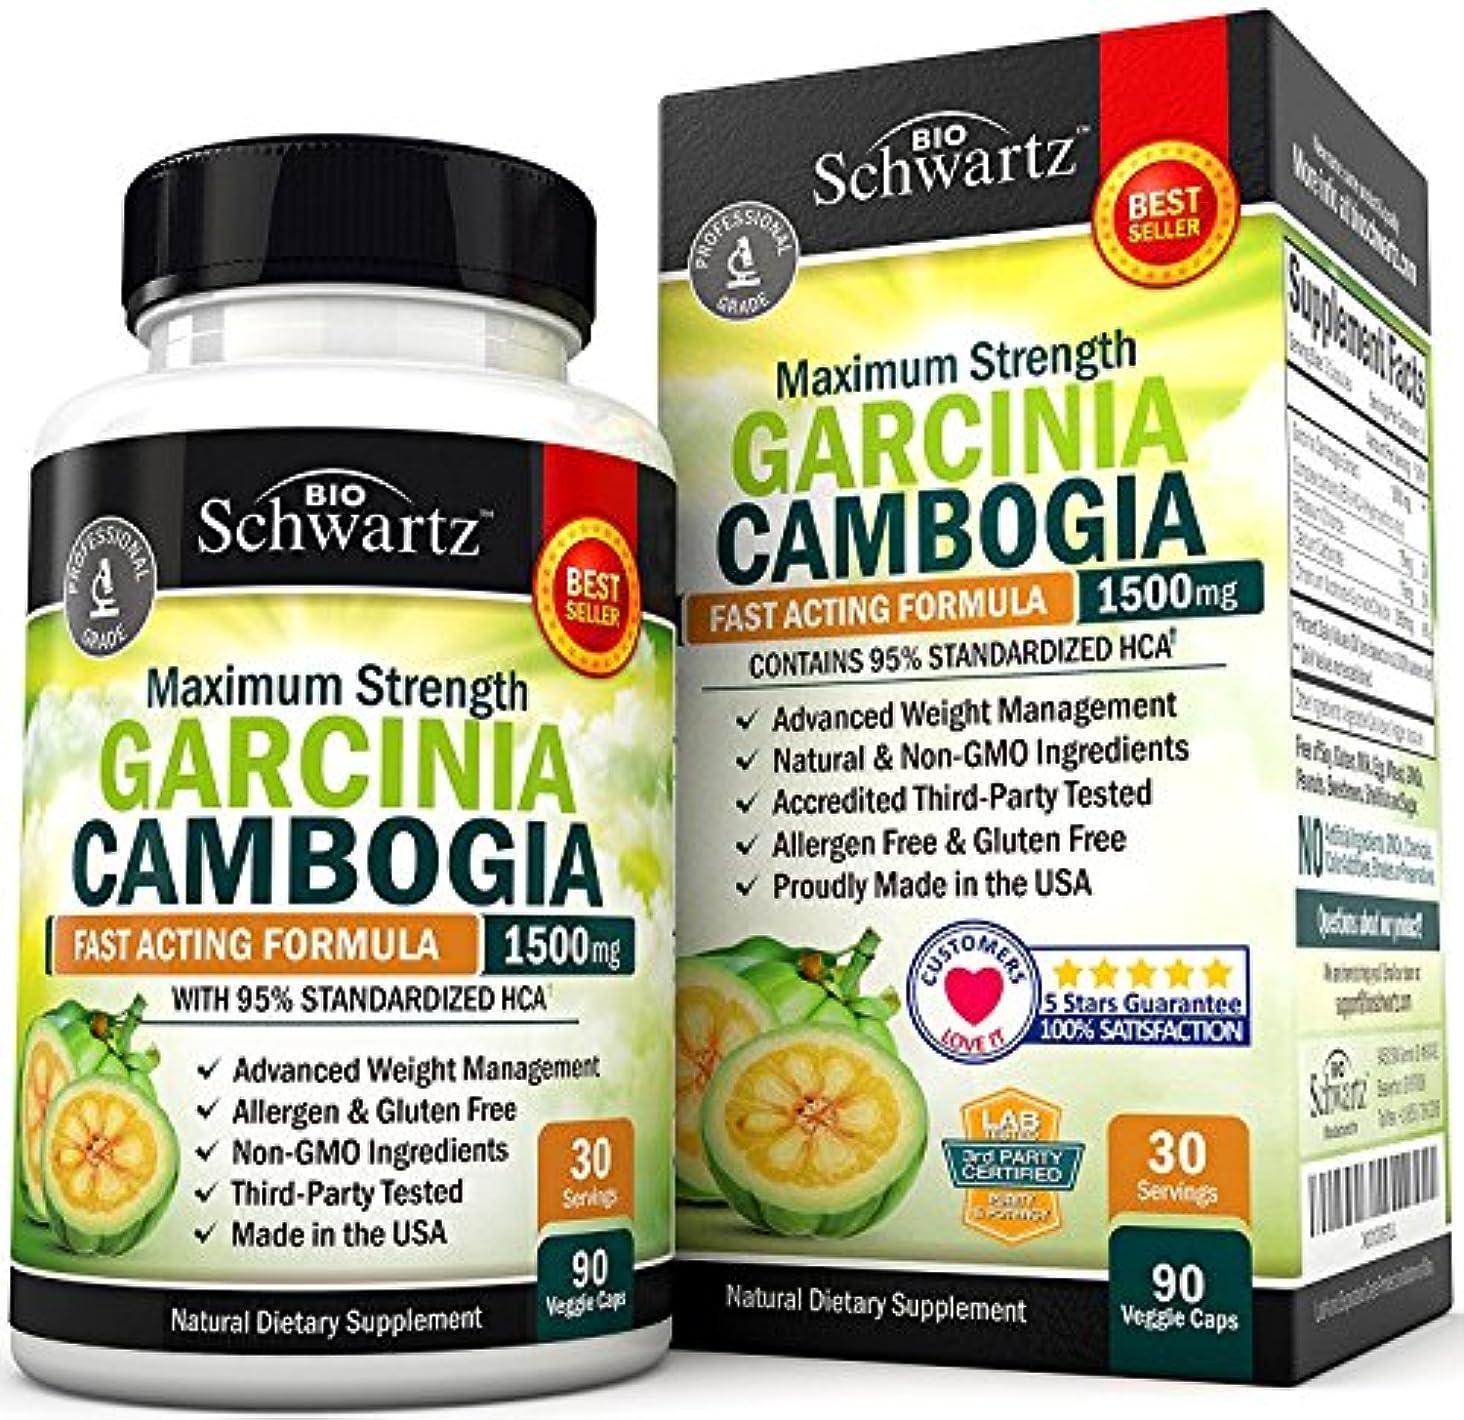 策定する手がかりテクスチャーBioSchwartz ガルシニア カンボジア Garcinia Cambogia 95% HCA 1500mg 90粒